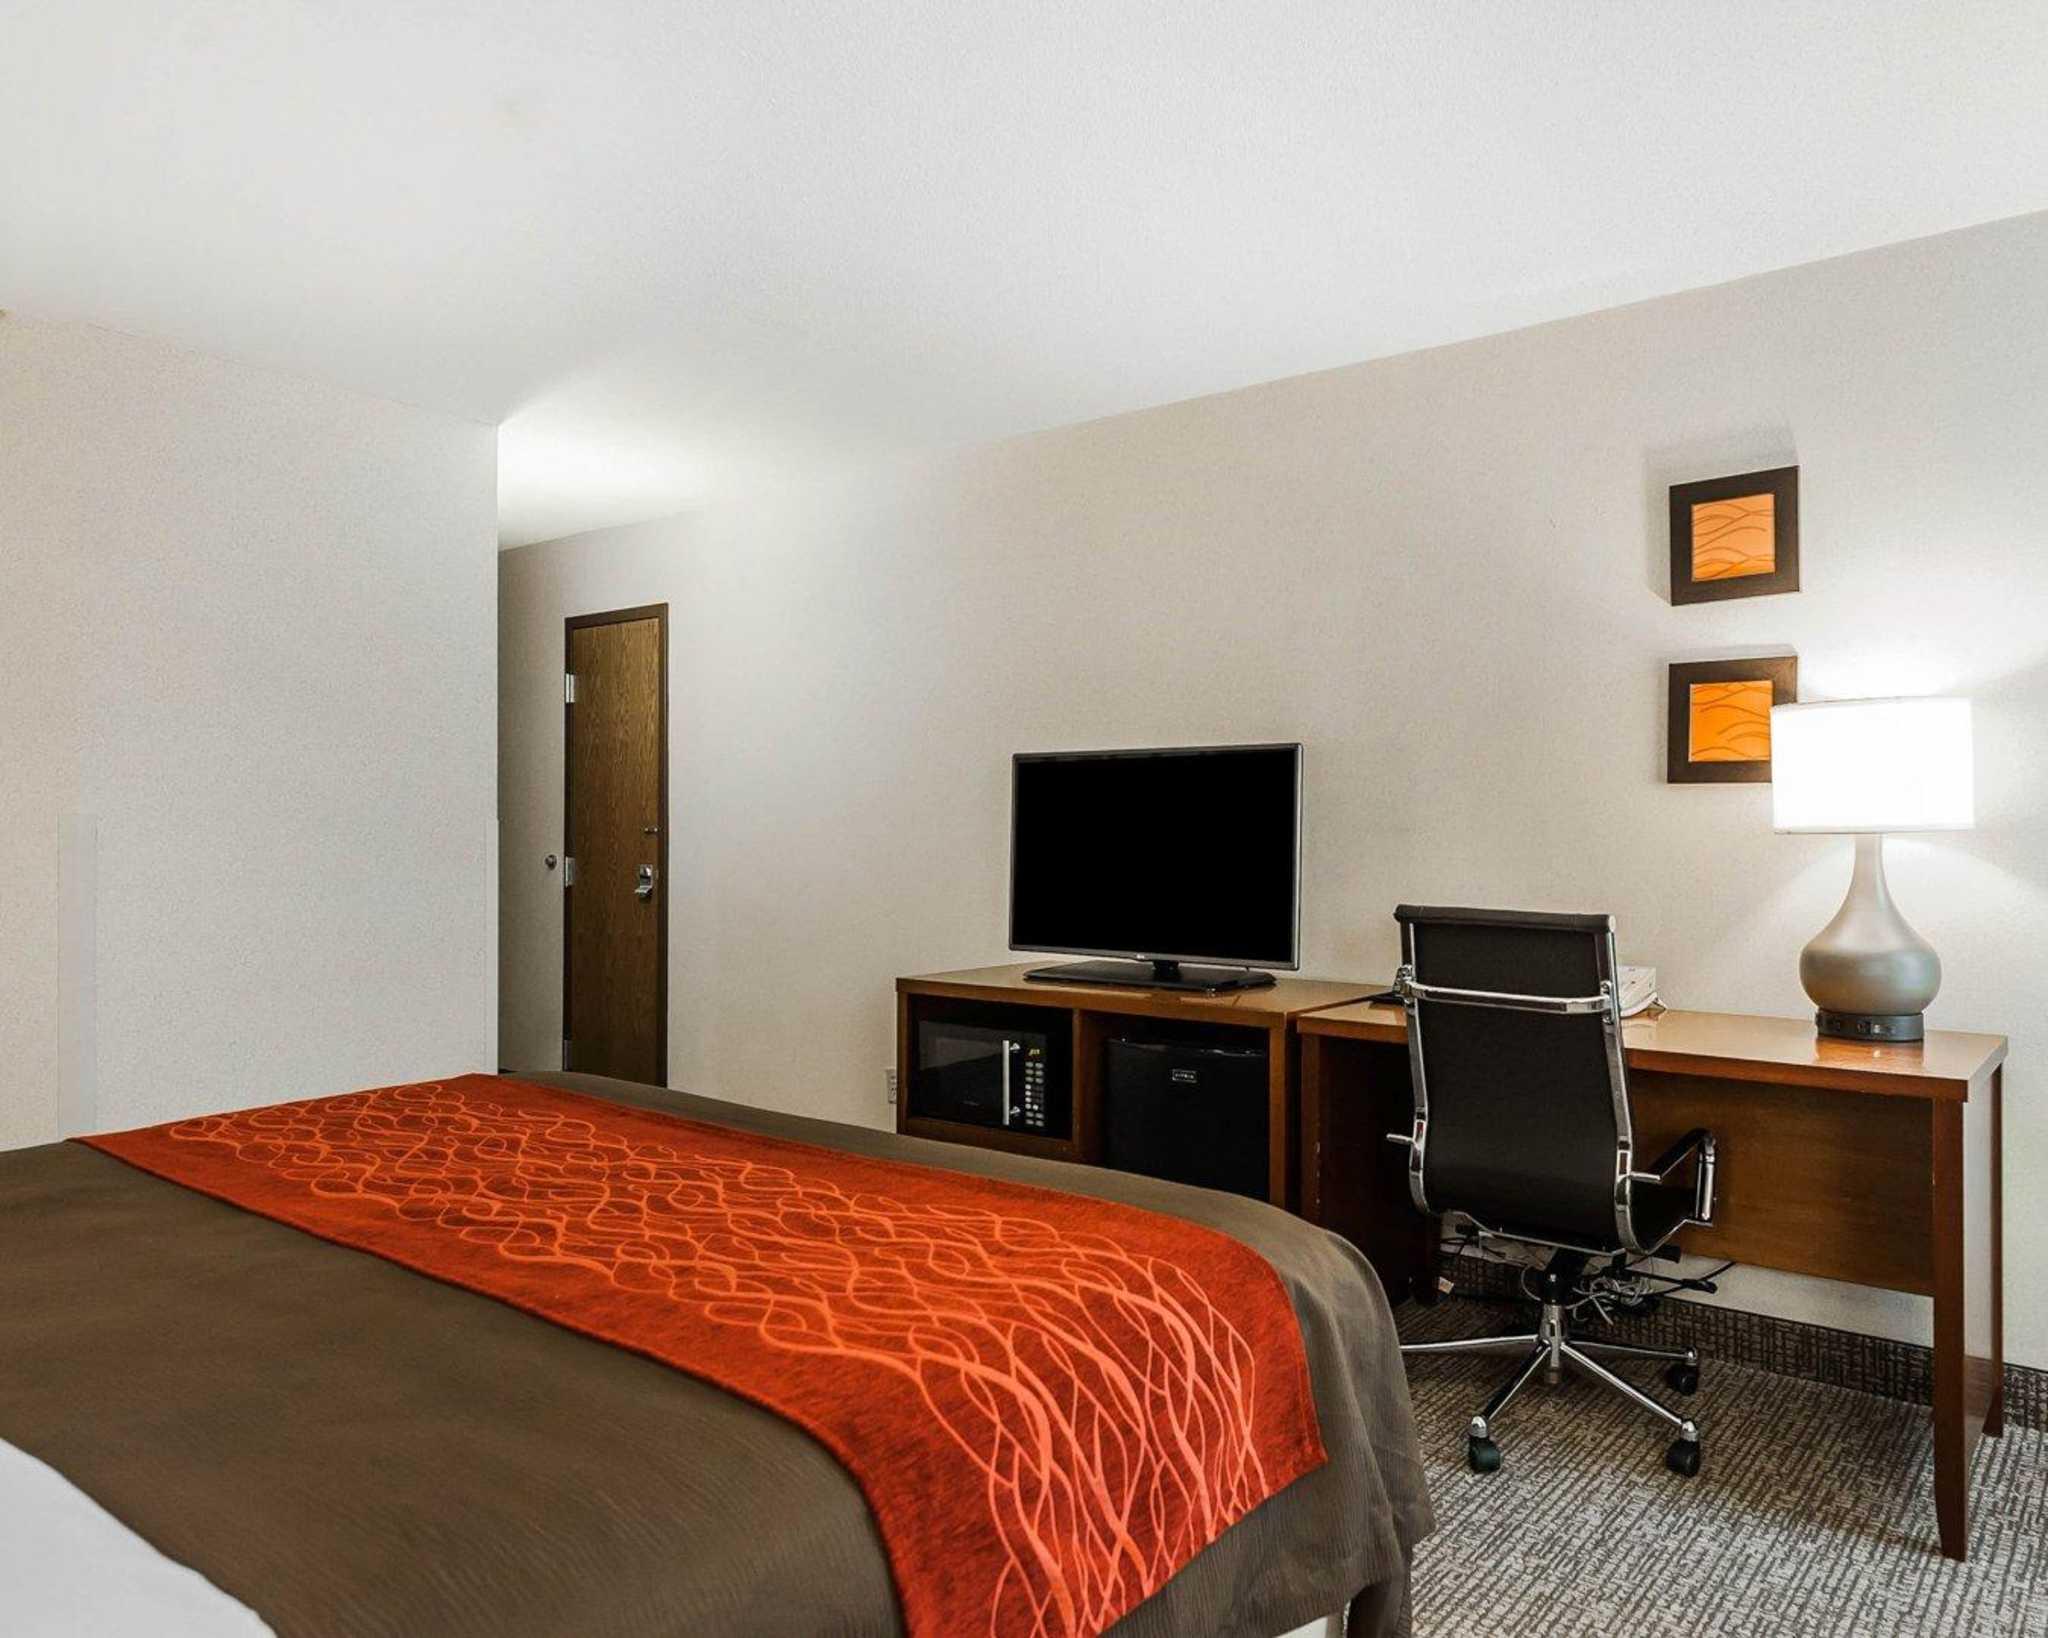 Comfort Inn Denver East image 6